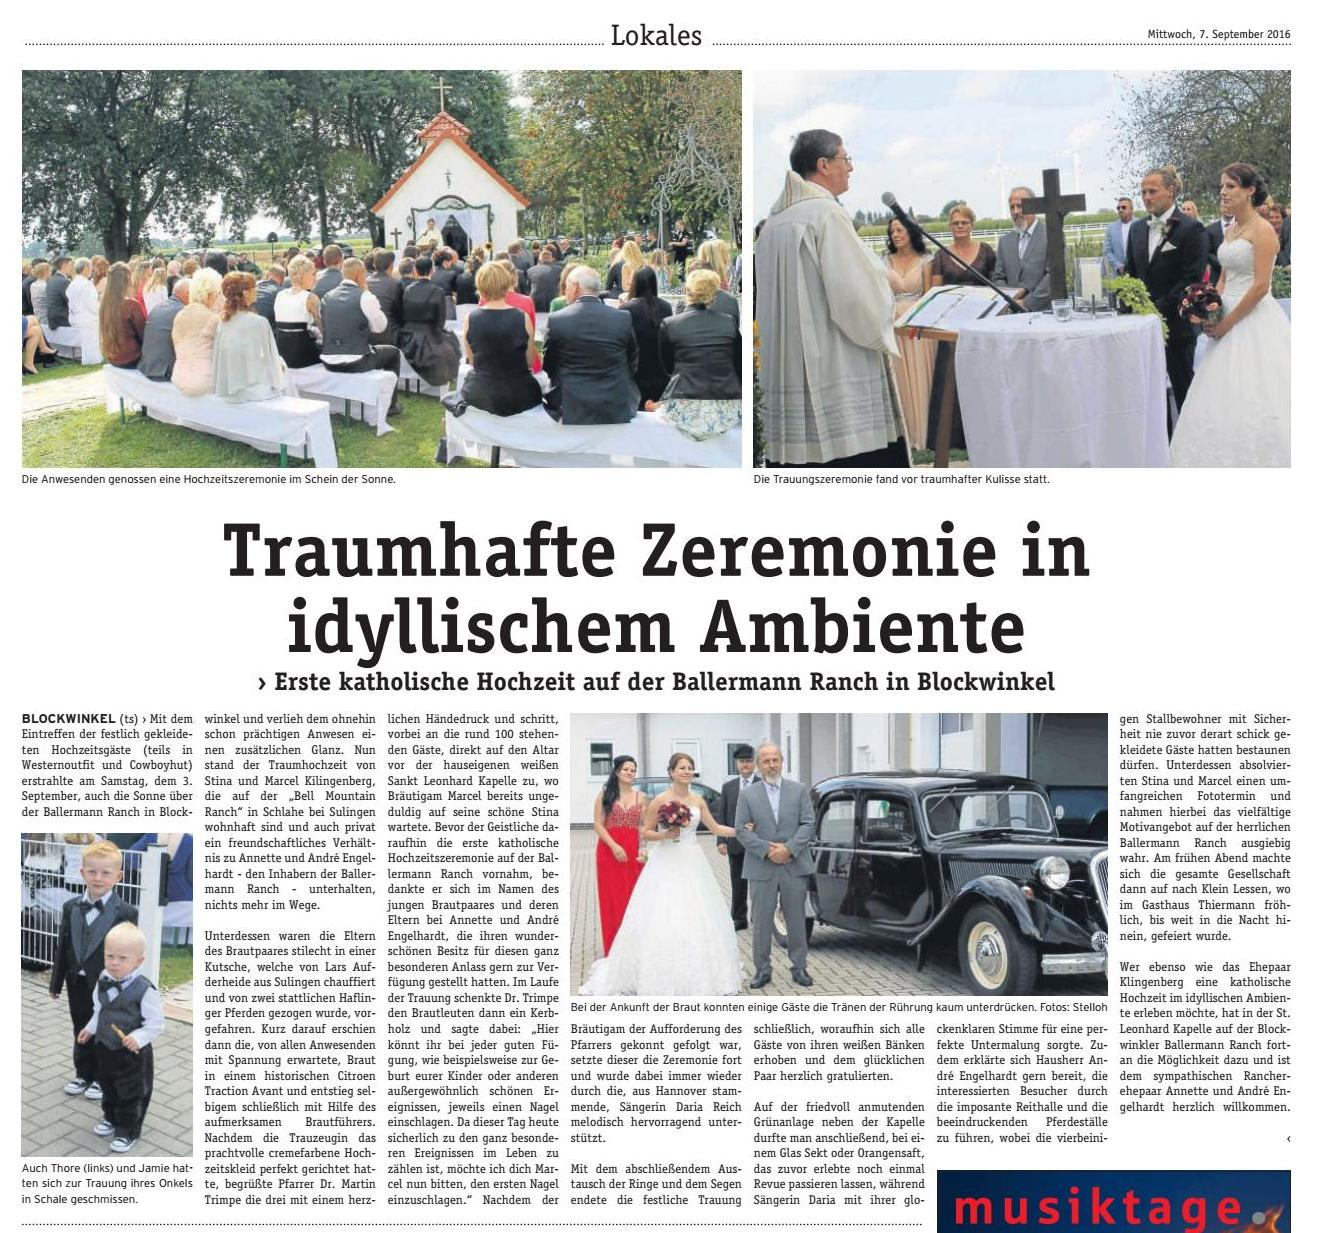 DIE WOCHENPOST, 07.09.2016 (Red. Tanja Stelloh)